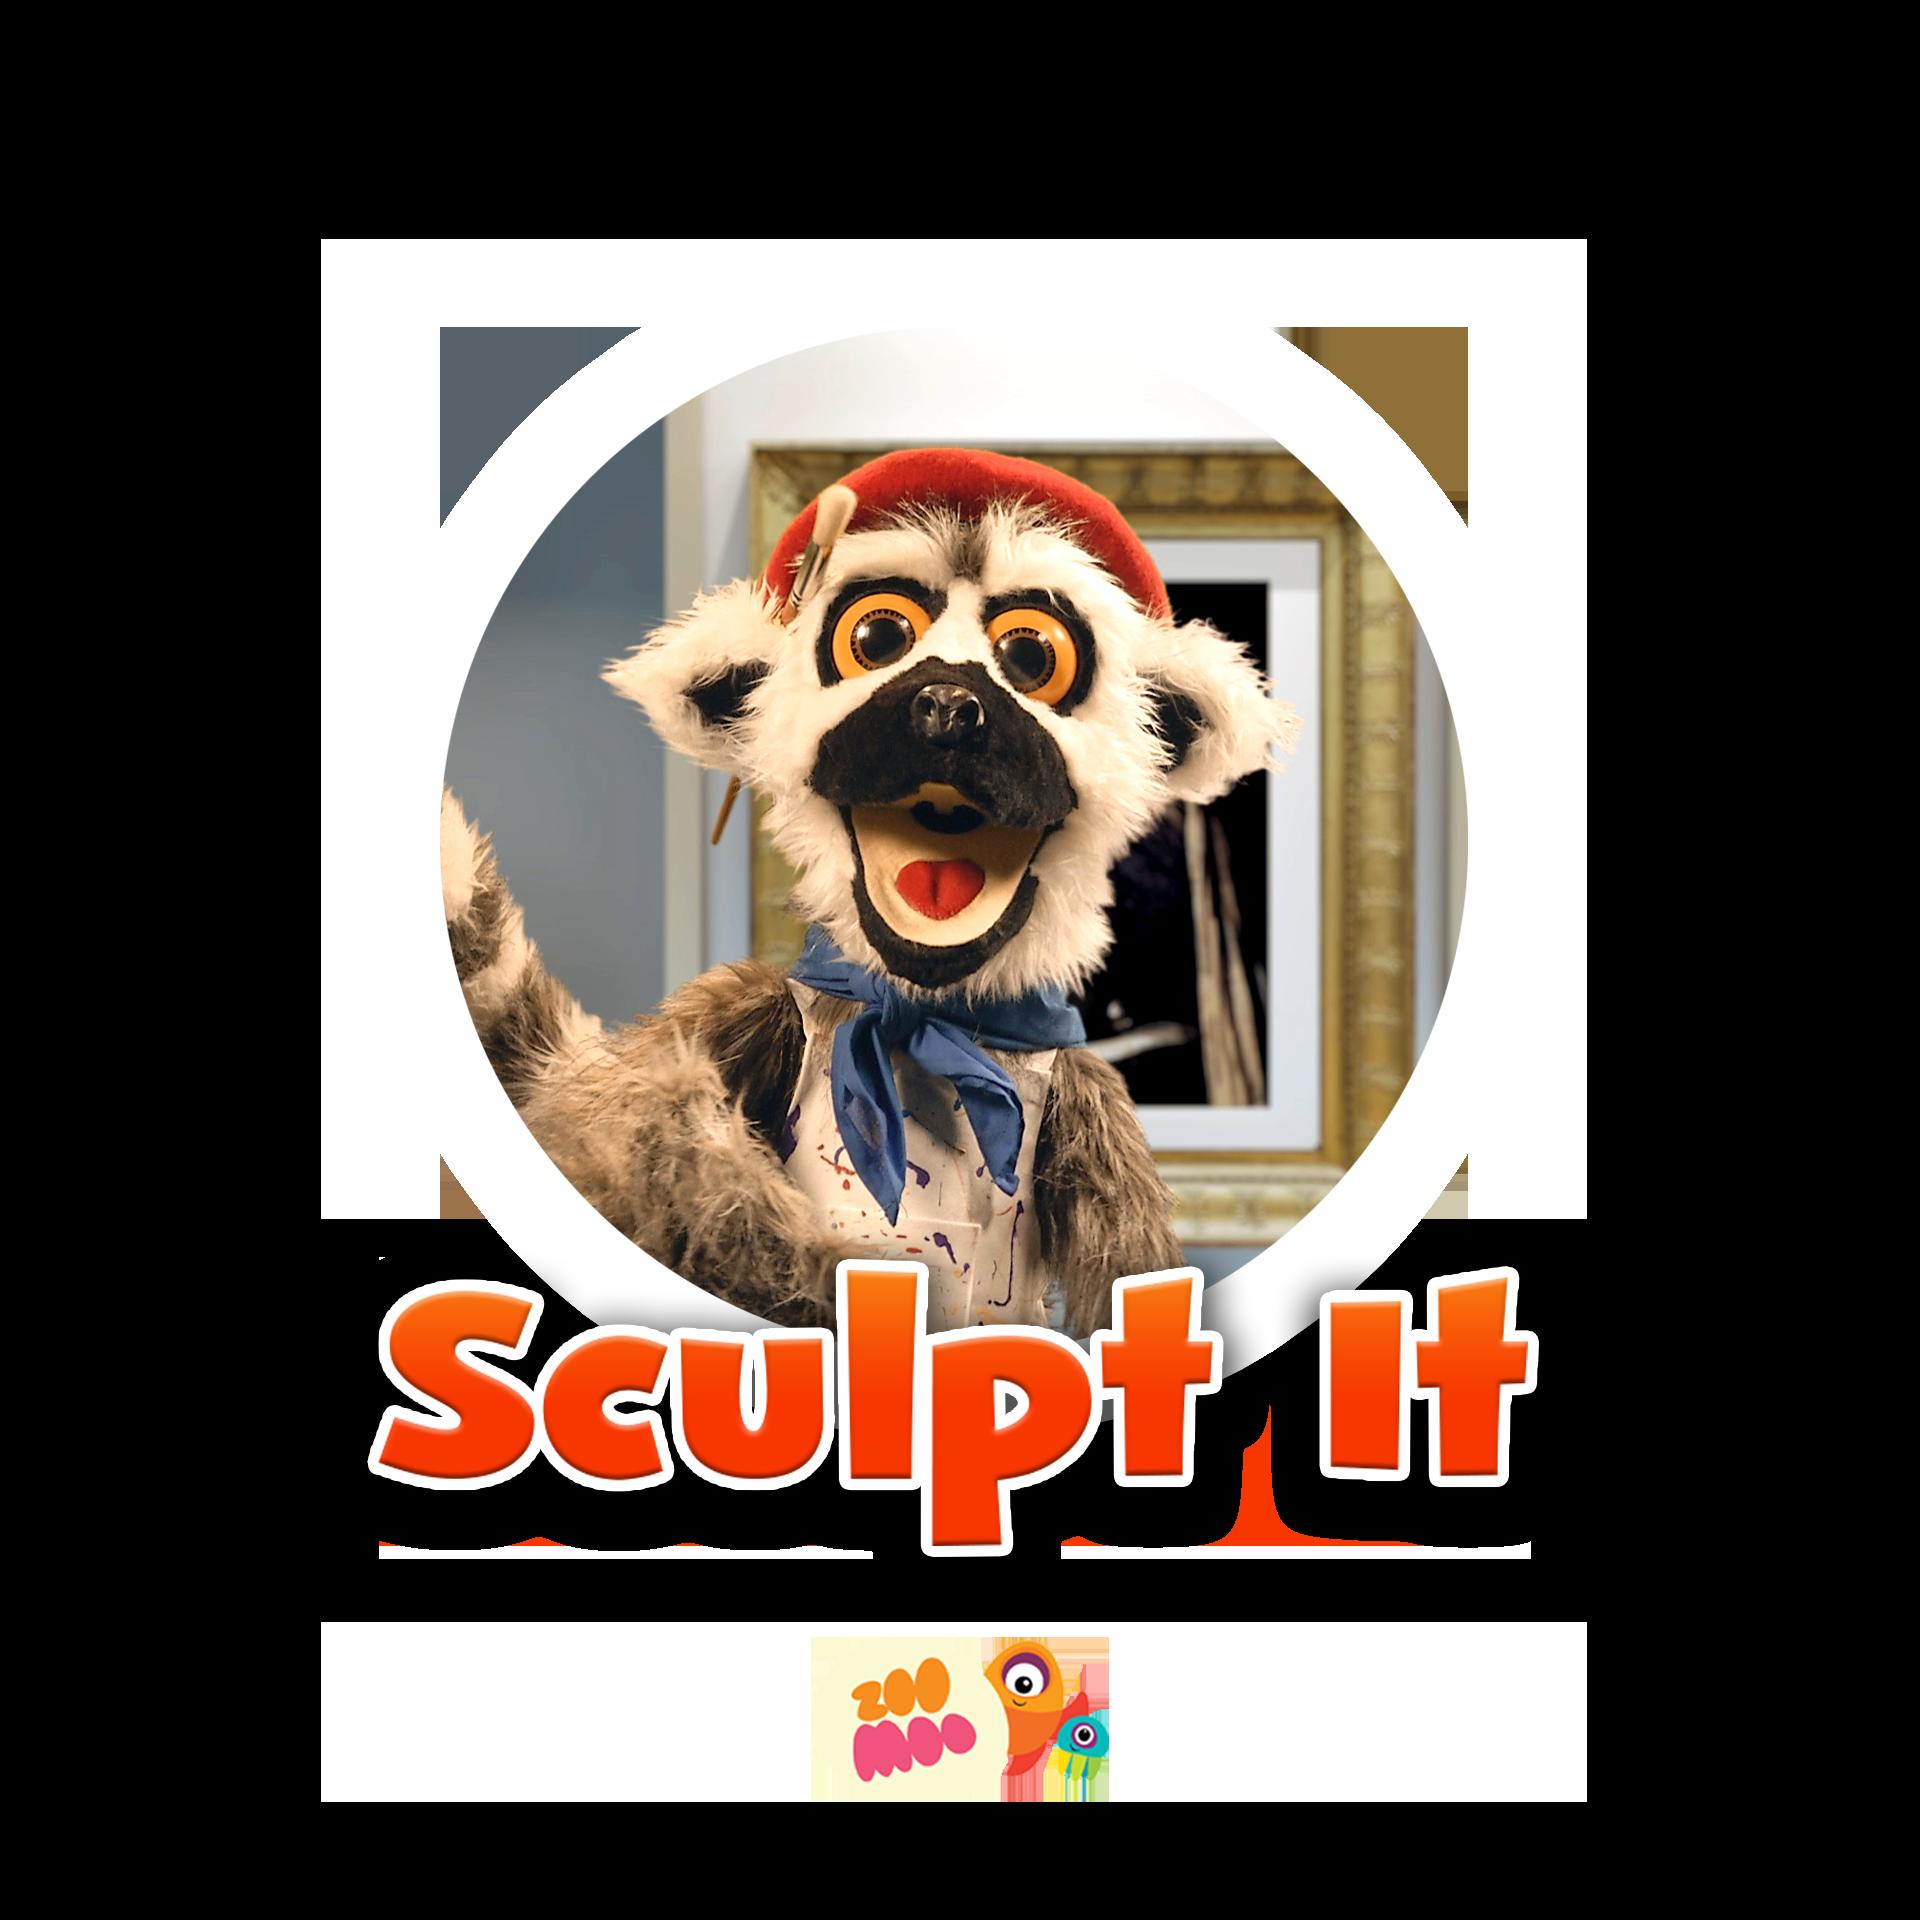 Sculpt It!